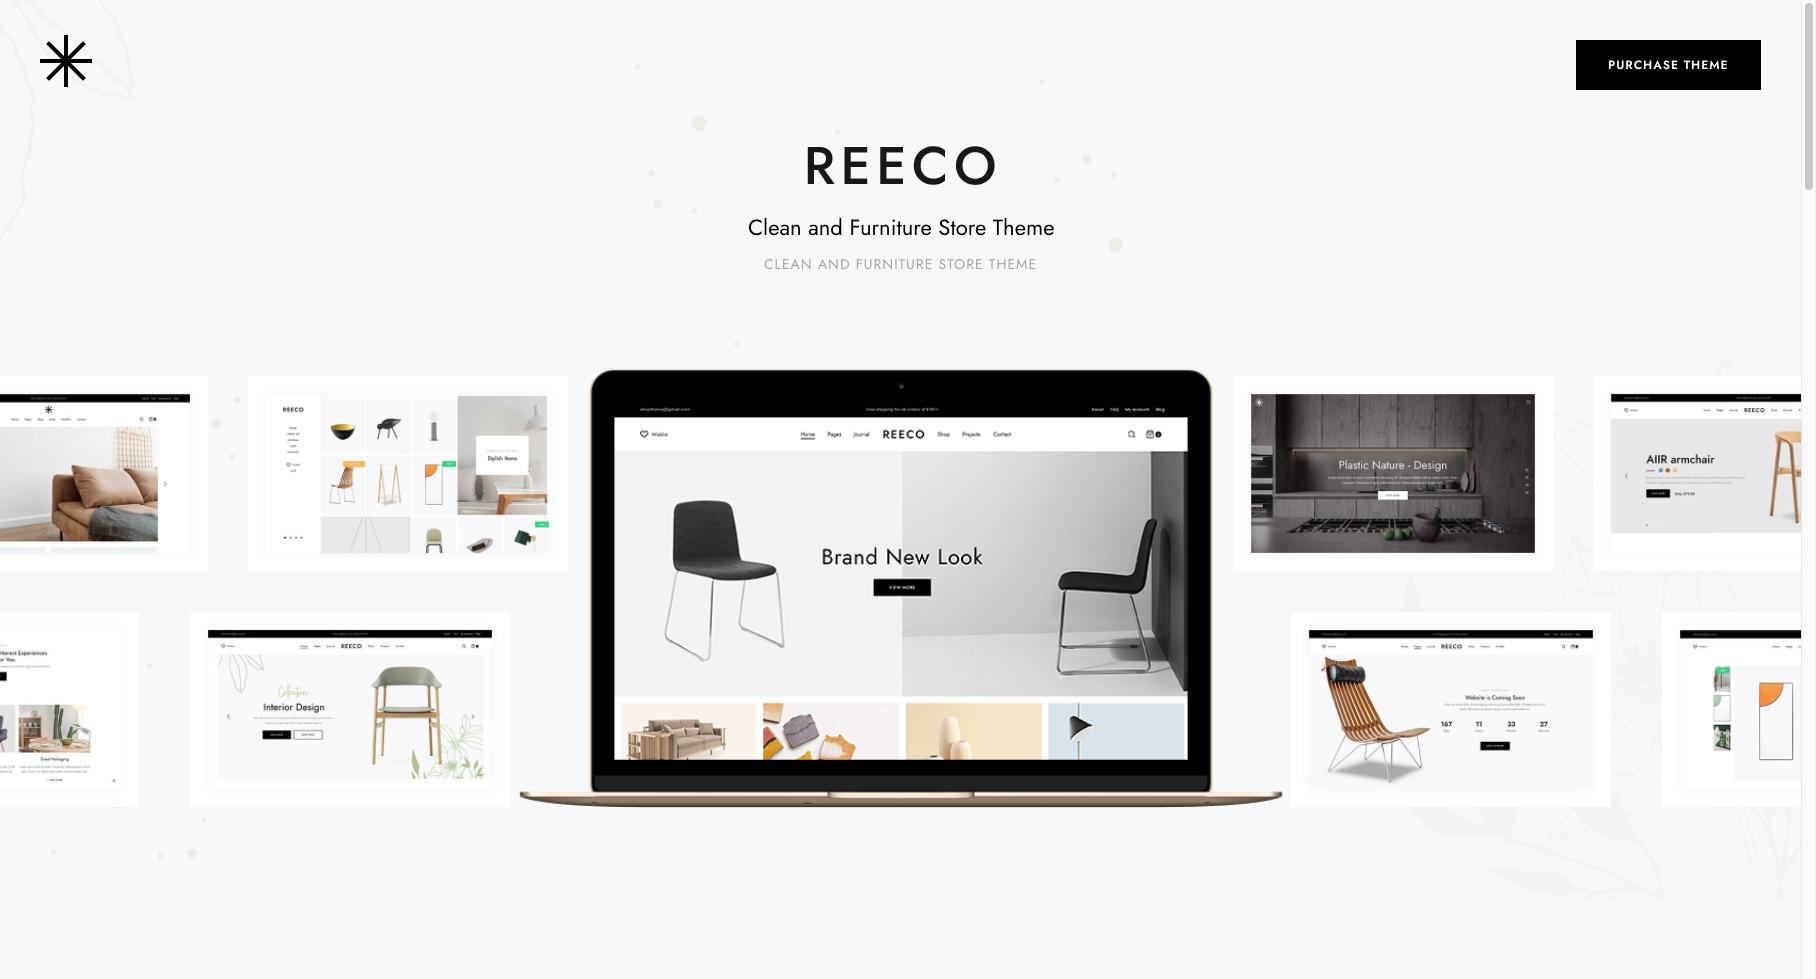 Reeco-家具用品网店商城模板WordPress主题